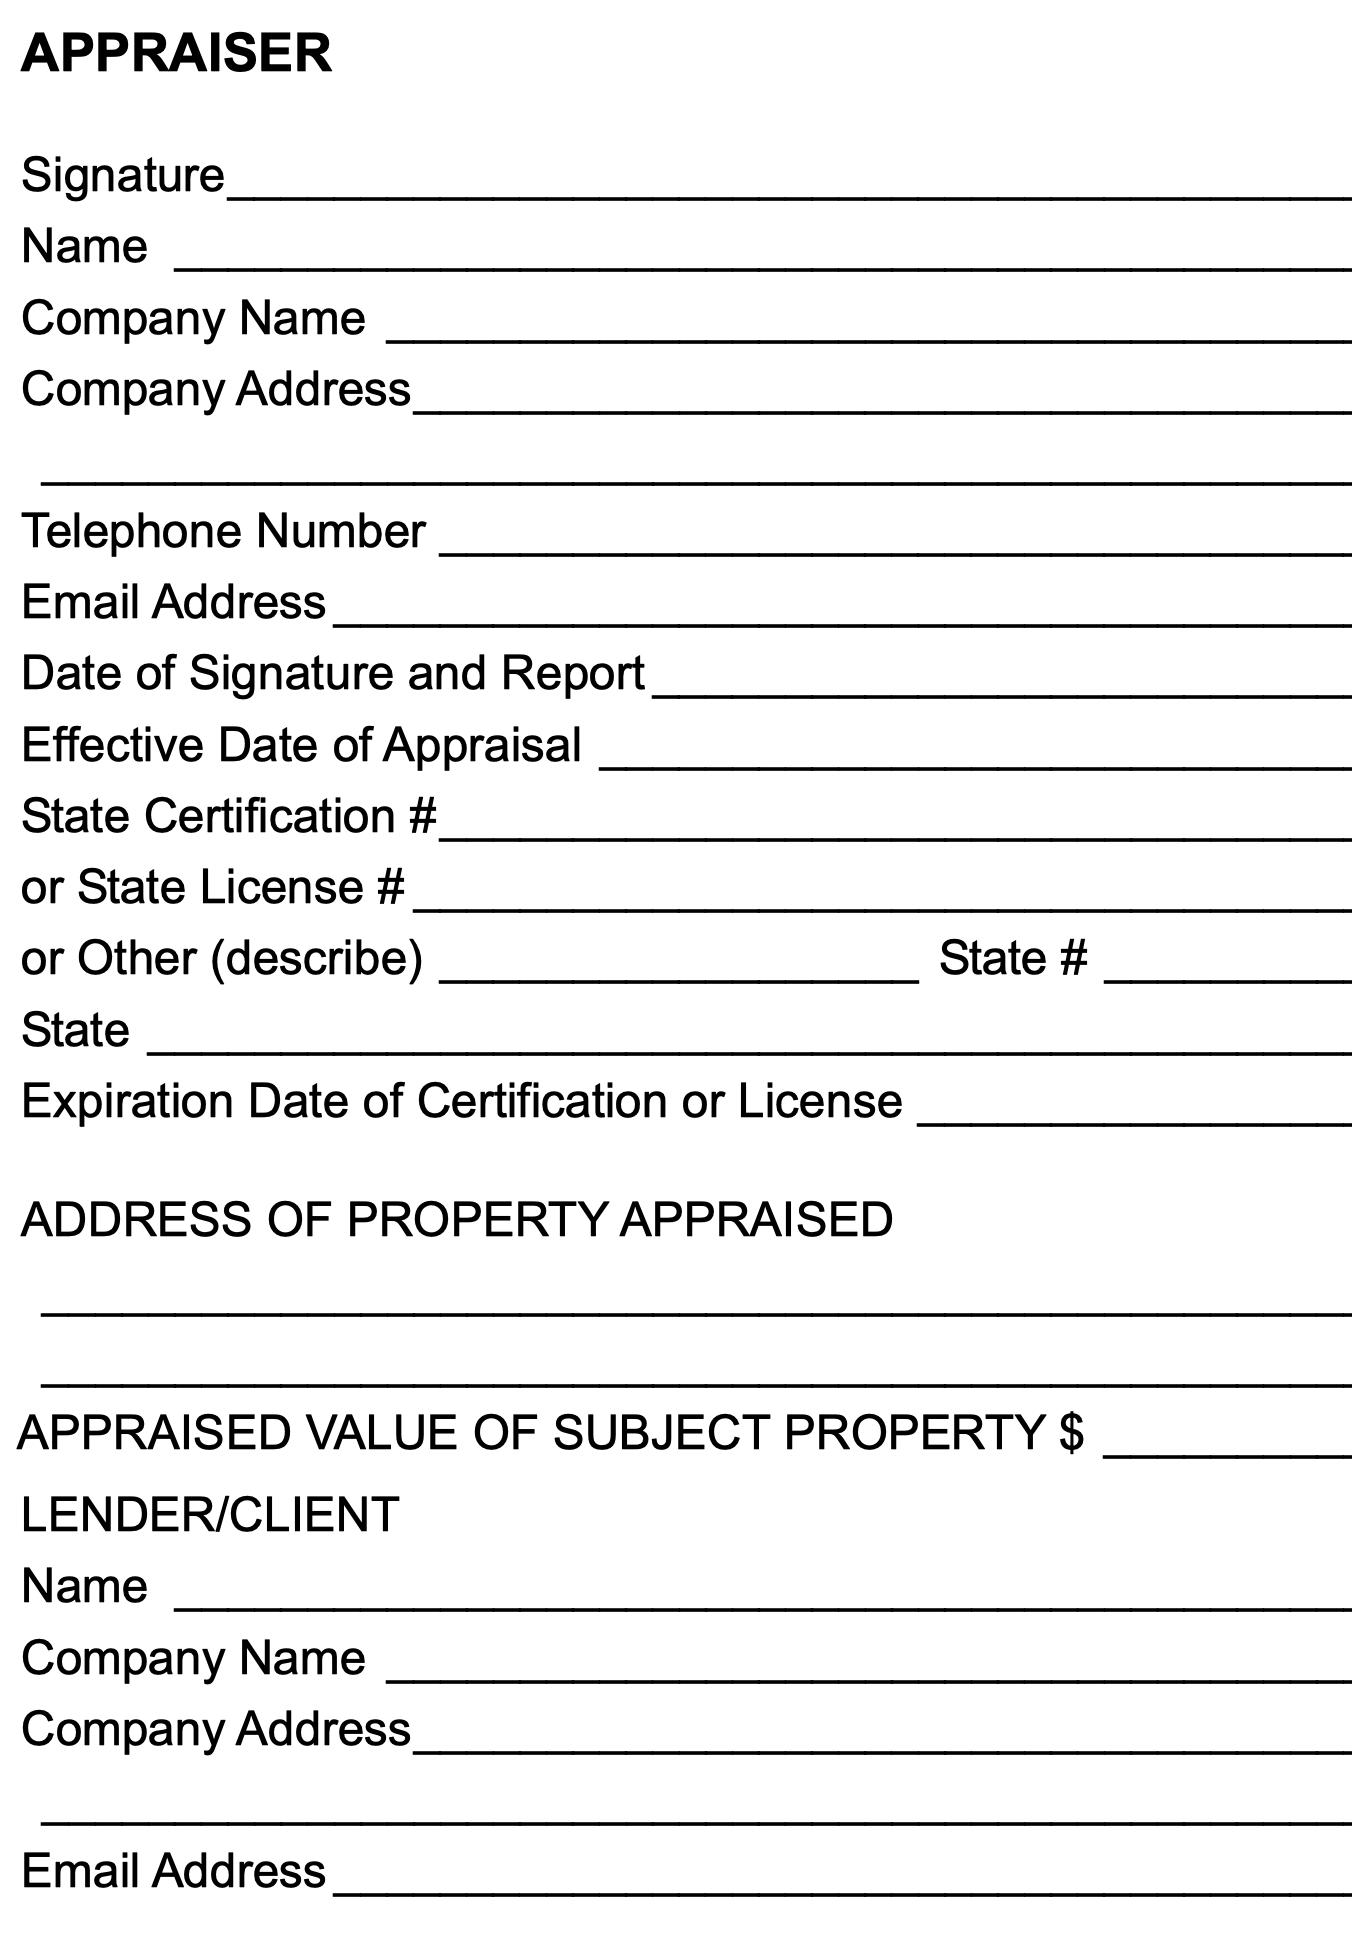 An appraisal report.